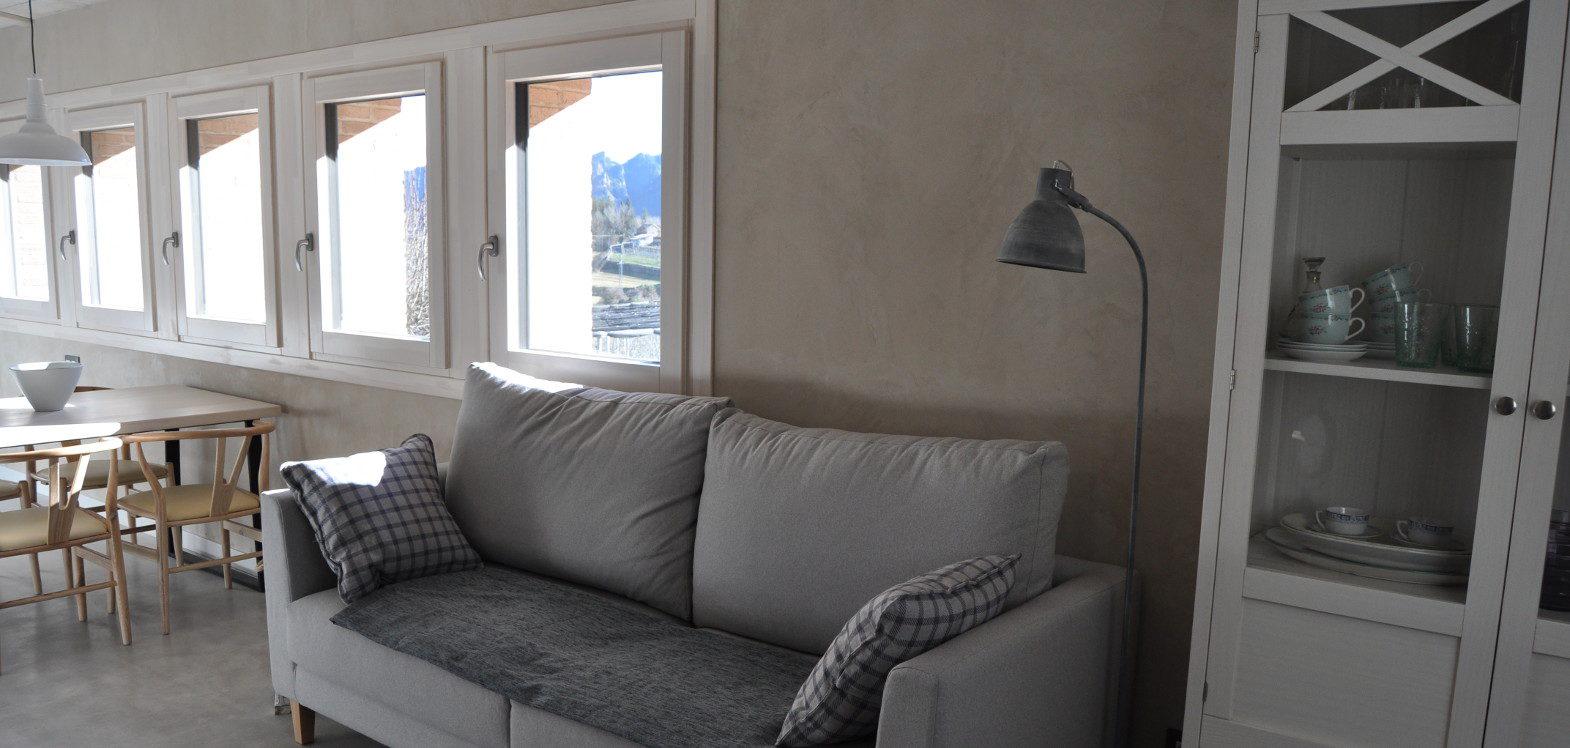 ventanas de madera aluminio aislamiento termico triple cristal carrete finestres l'era den bella solsones